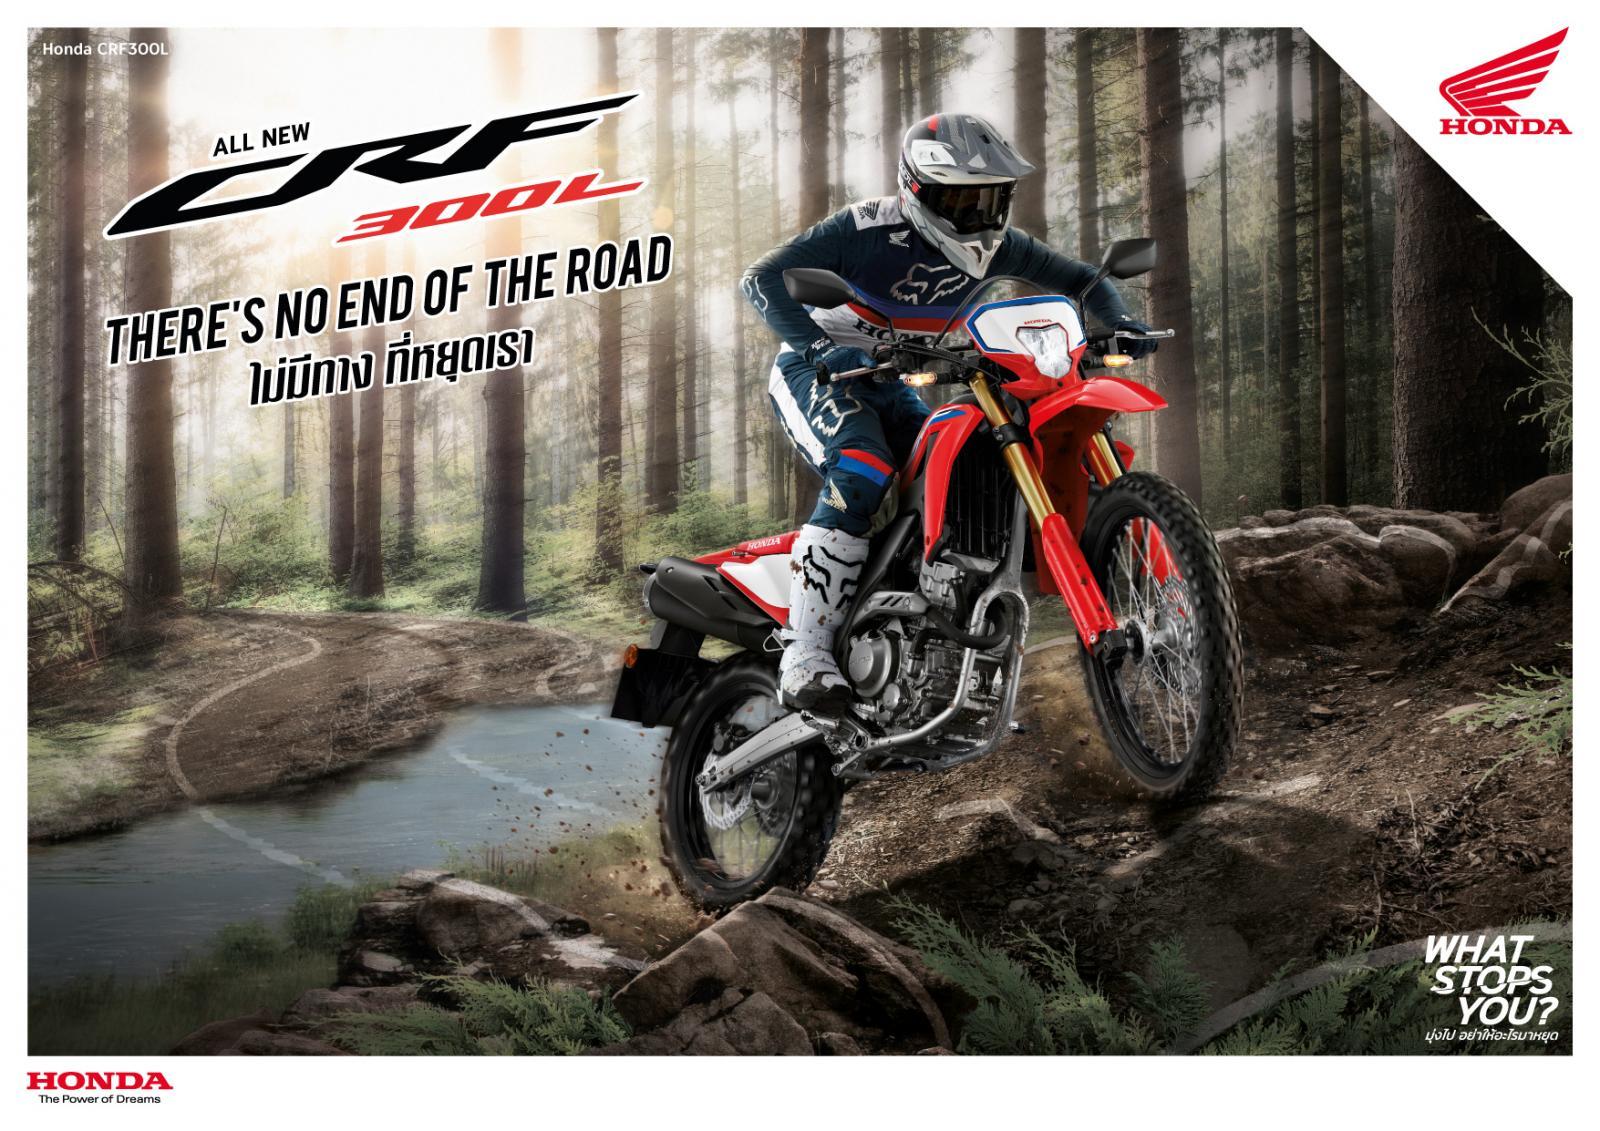 2021 Honda CRF300